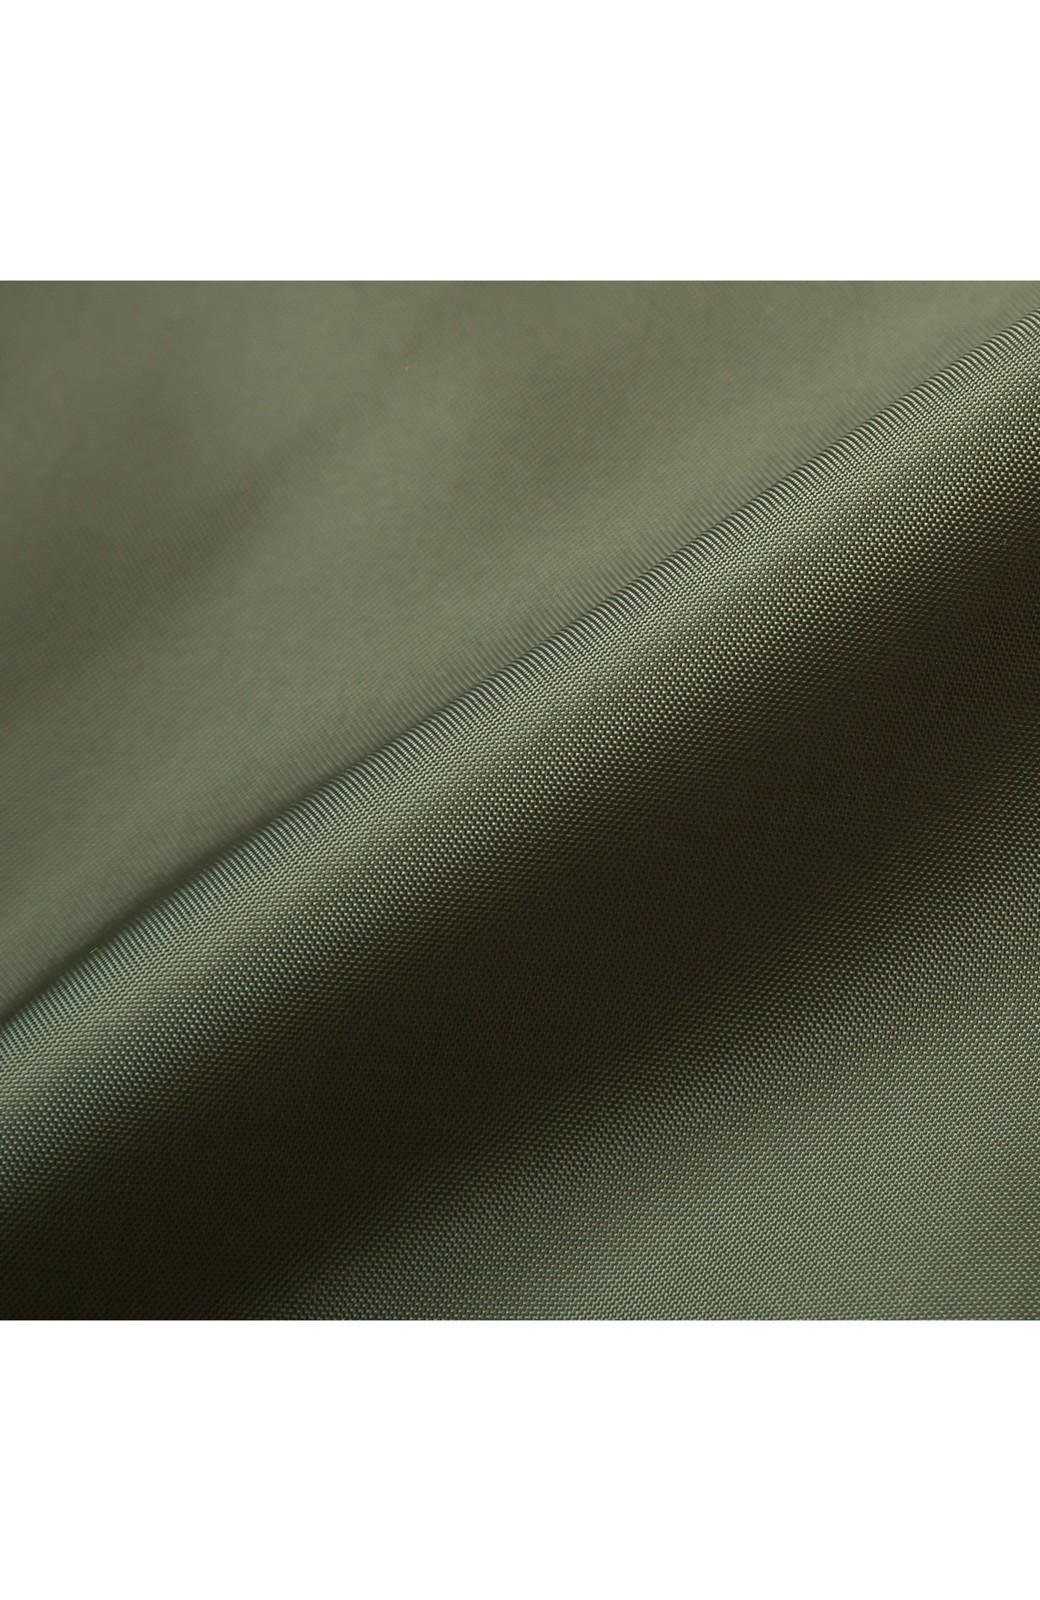 ロジーズ ボリュームファーのモッズコート <カーキ>の商品写真4